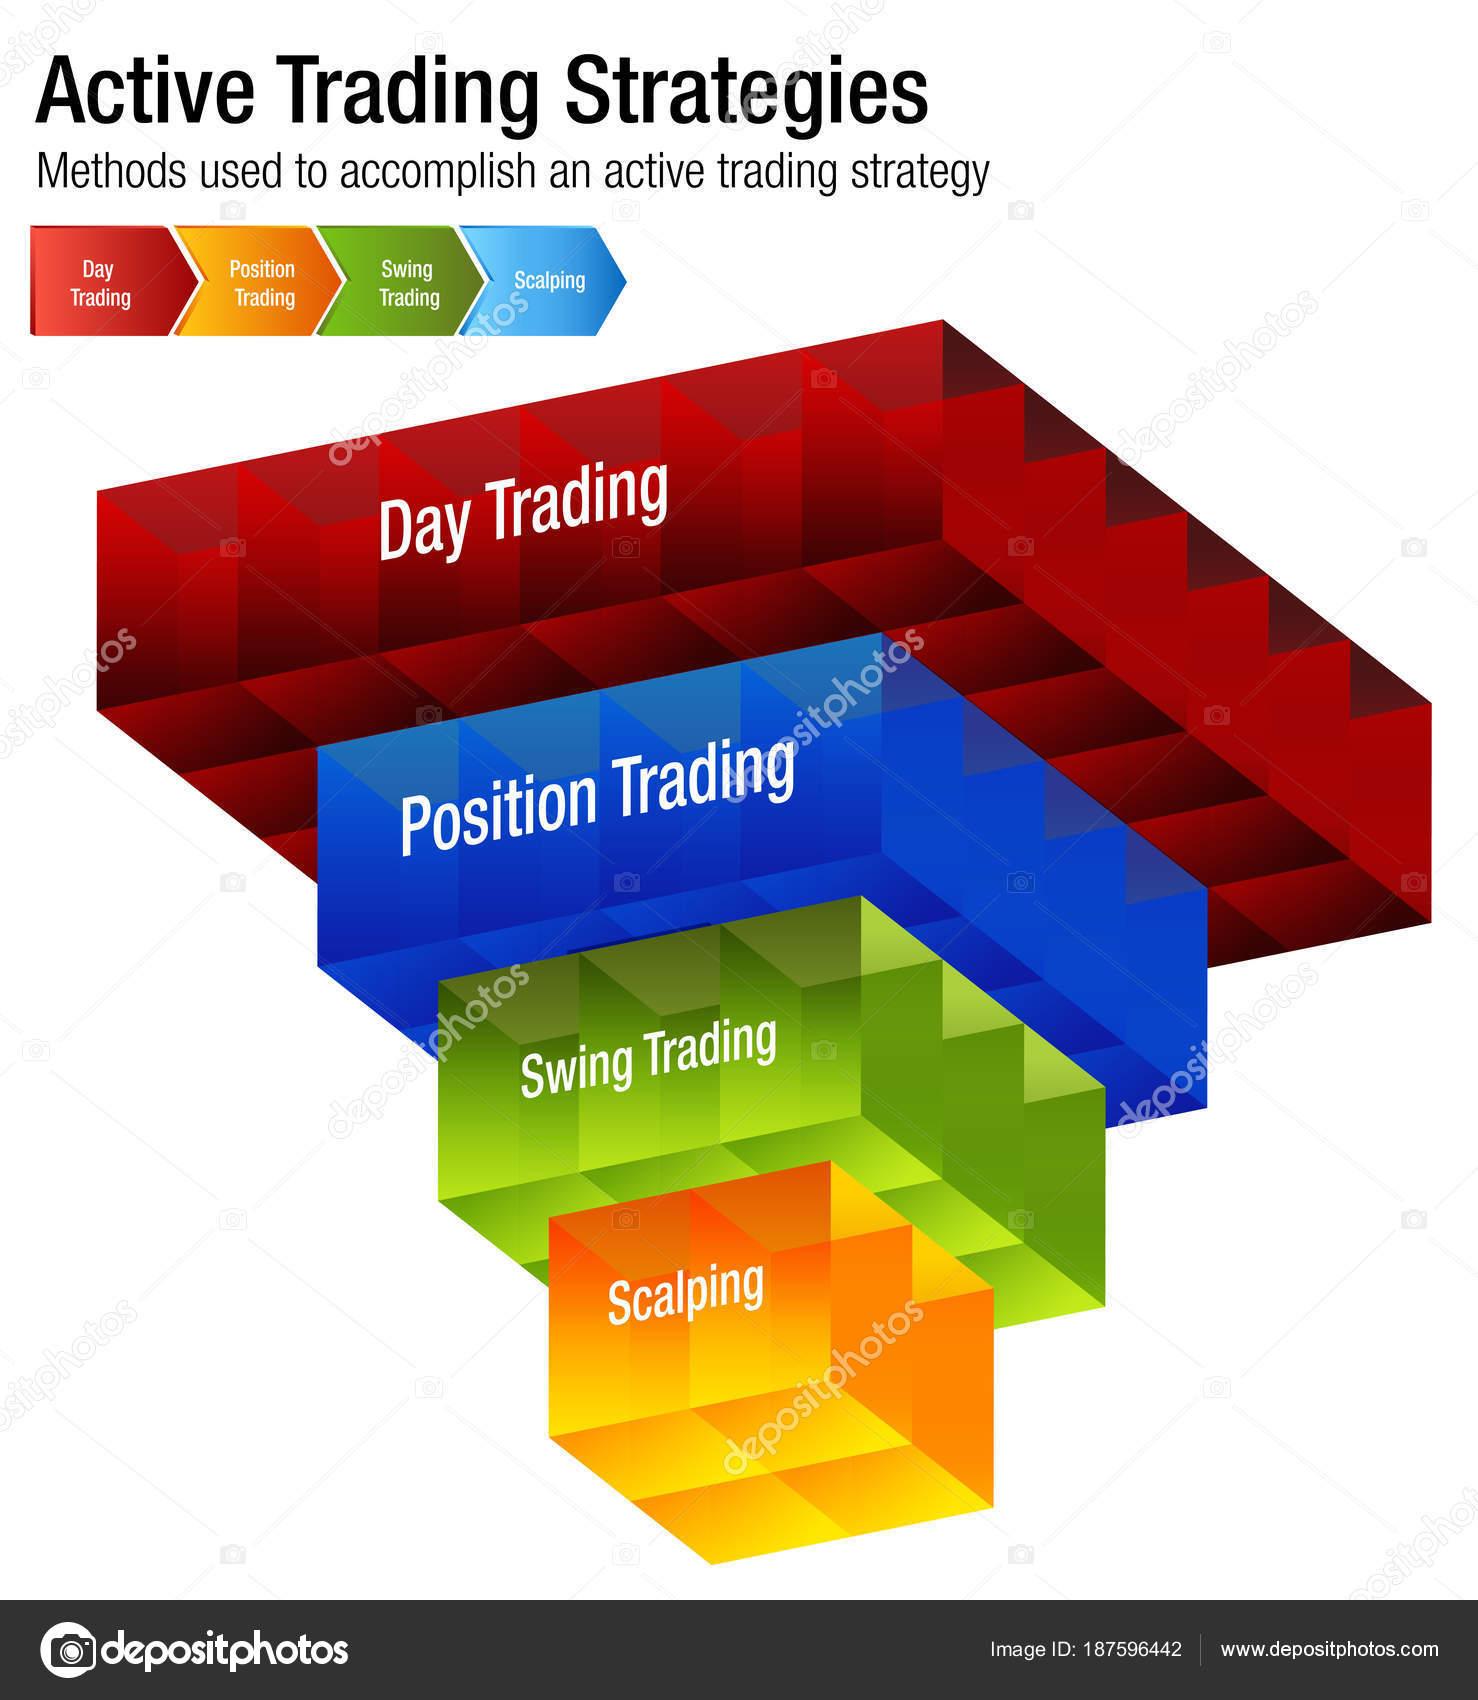 E-mini broker day trading